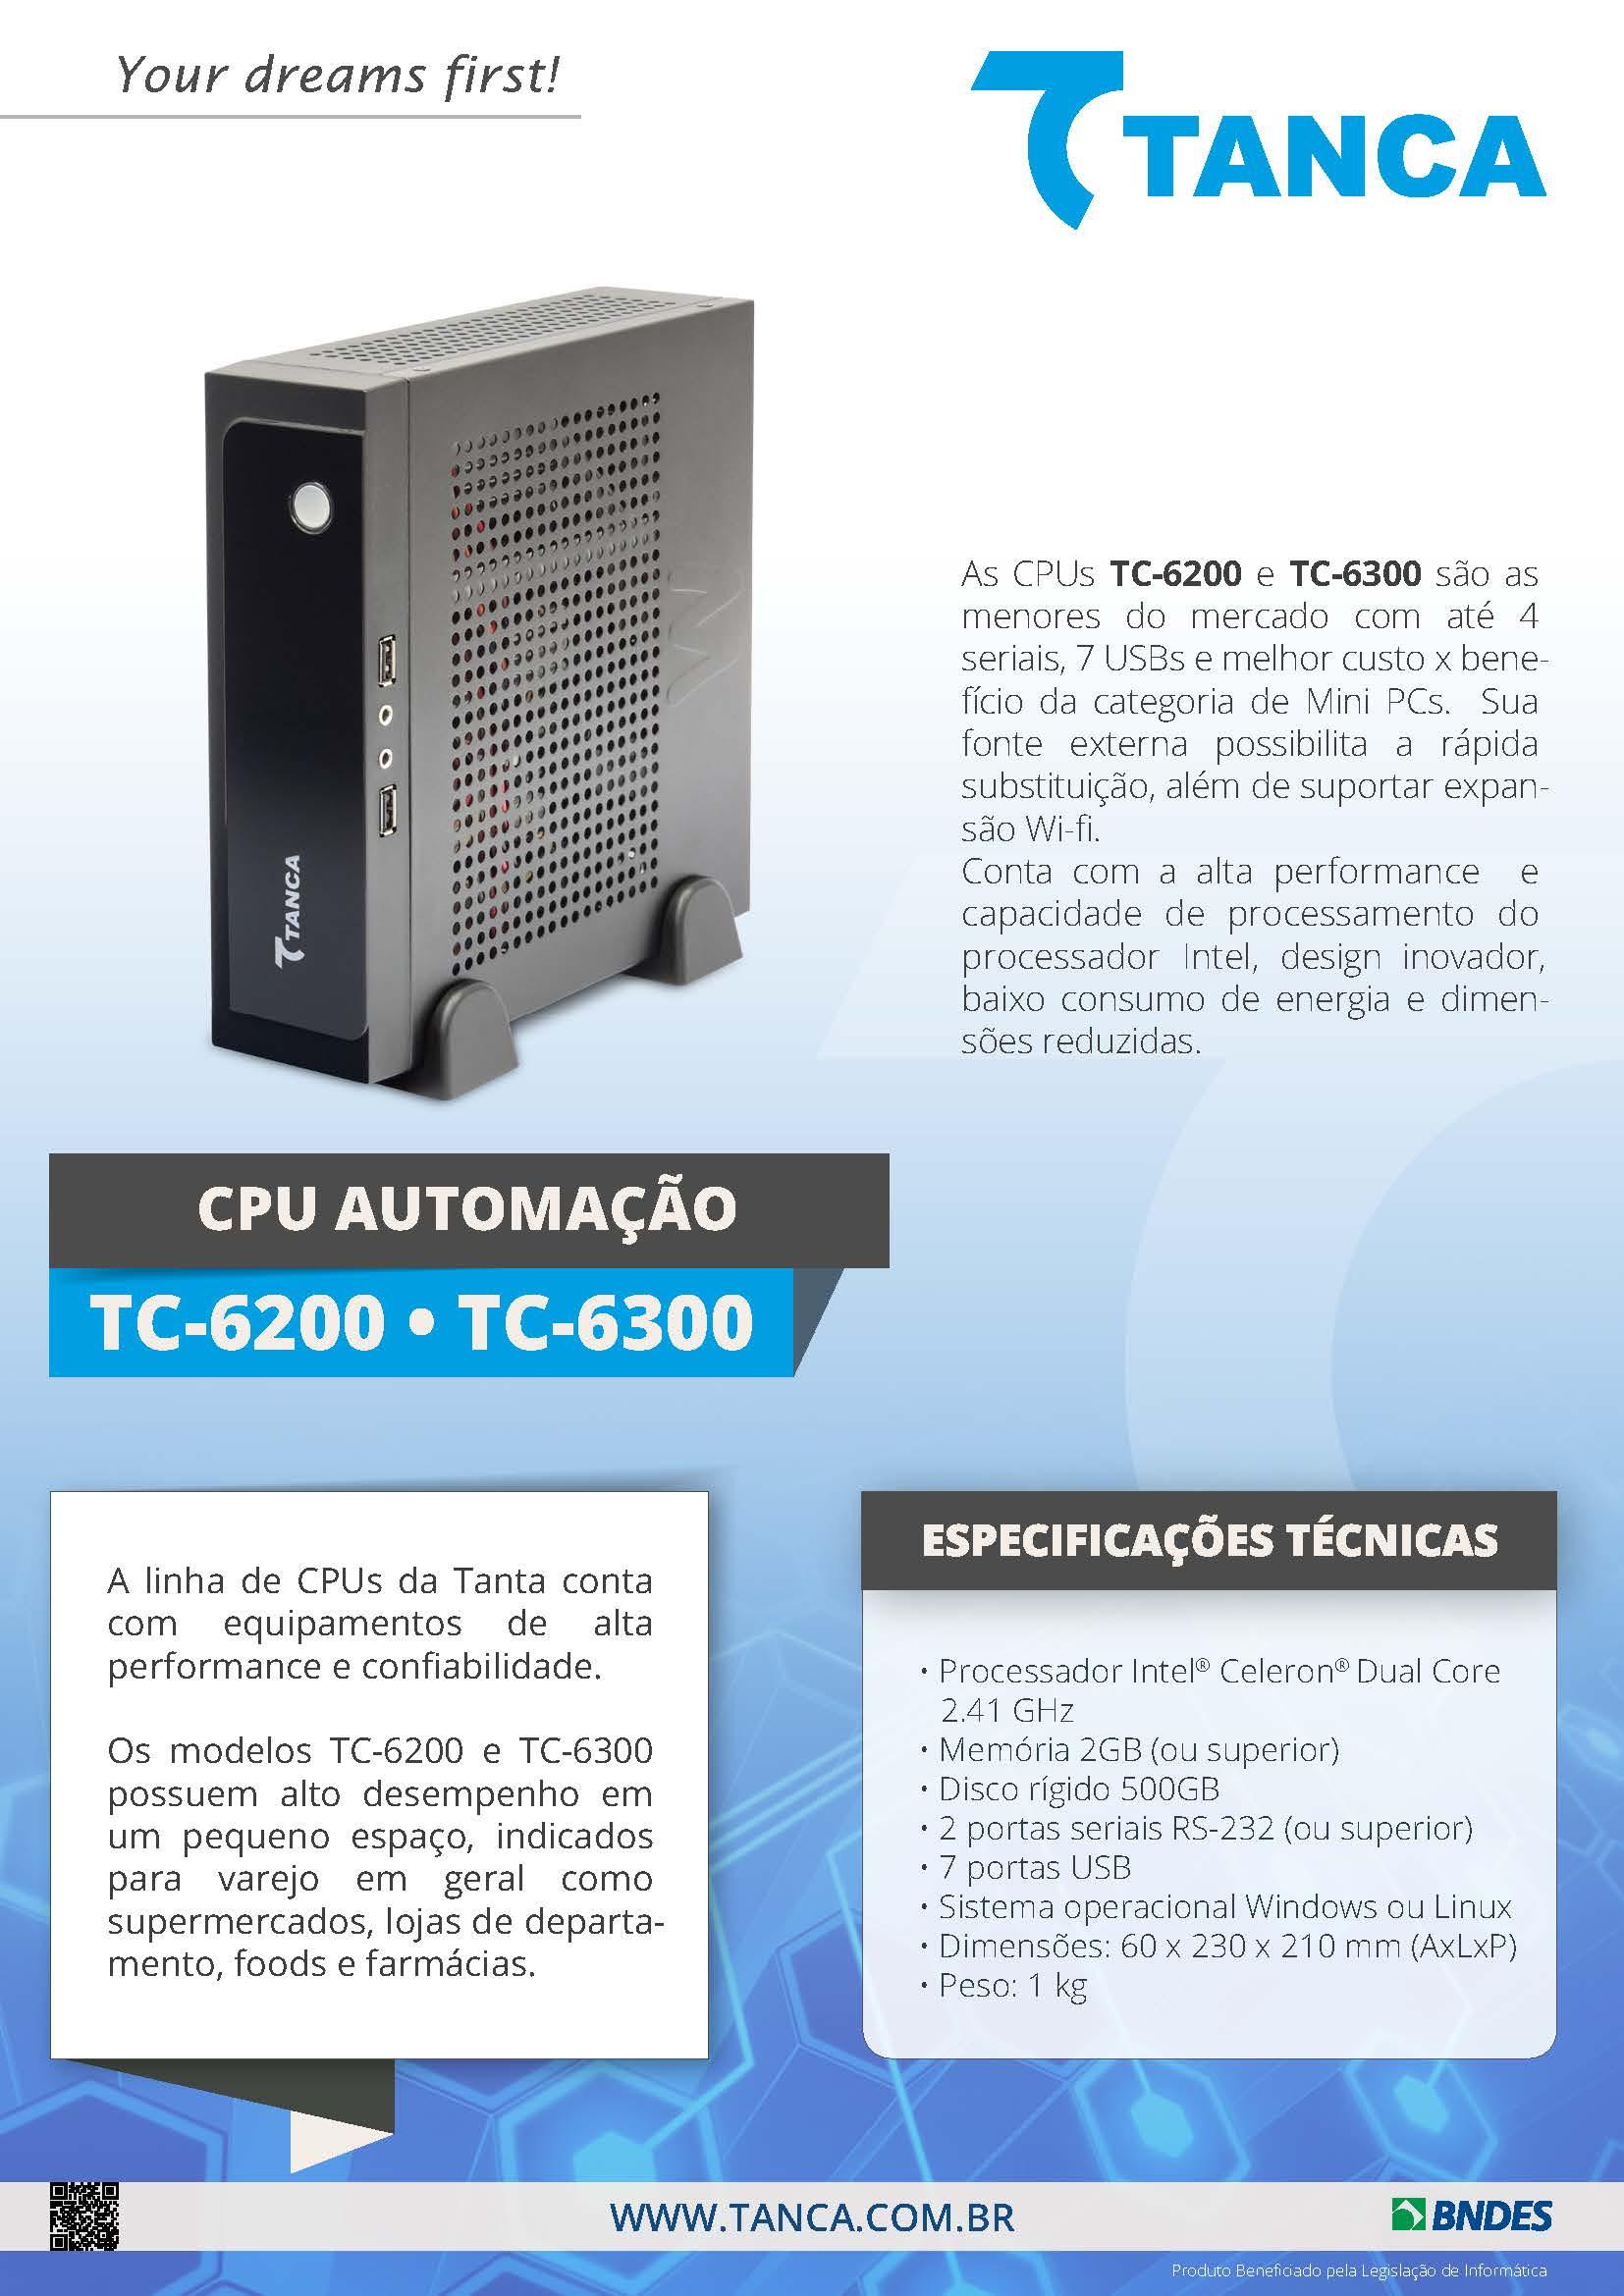 TANCA TC-6220 MINI CPU J1800 2G B 500GB 2SR